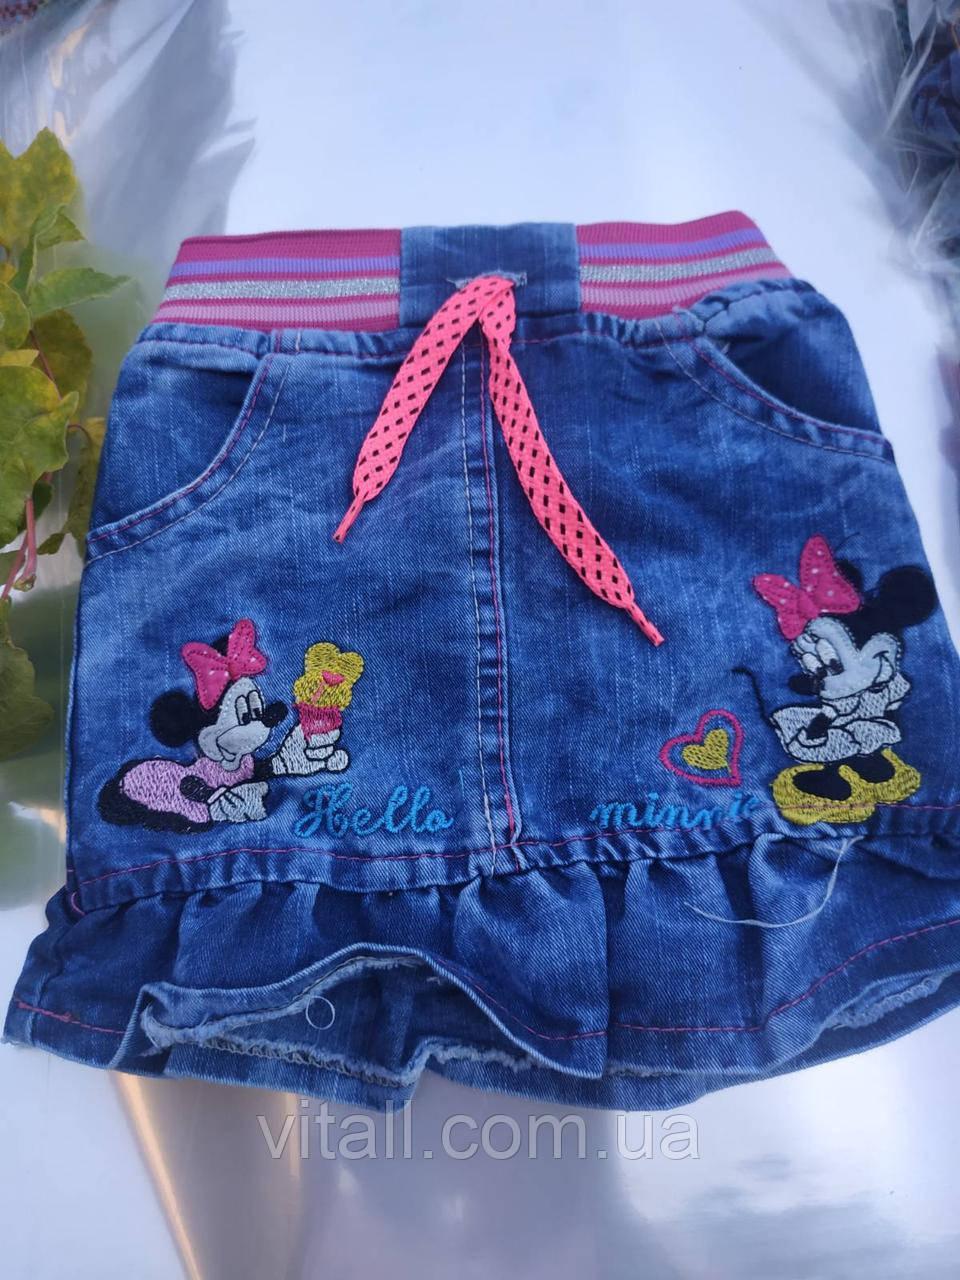 Юбка джинсовая 1-4 лет